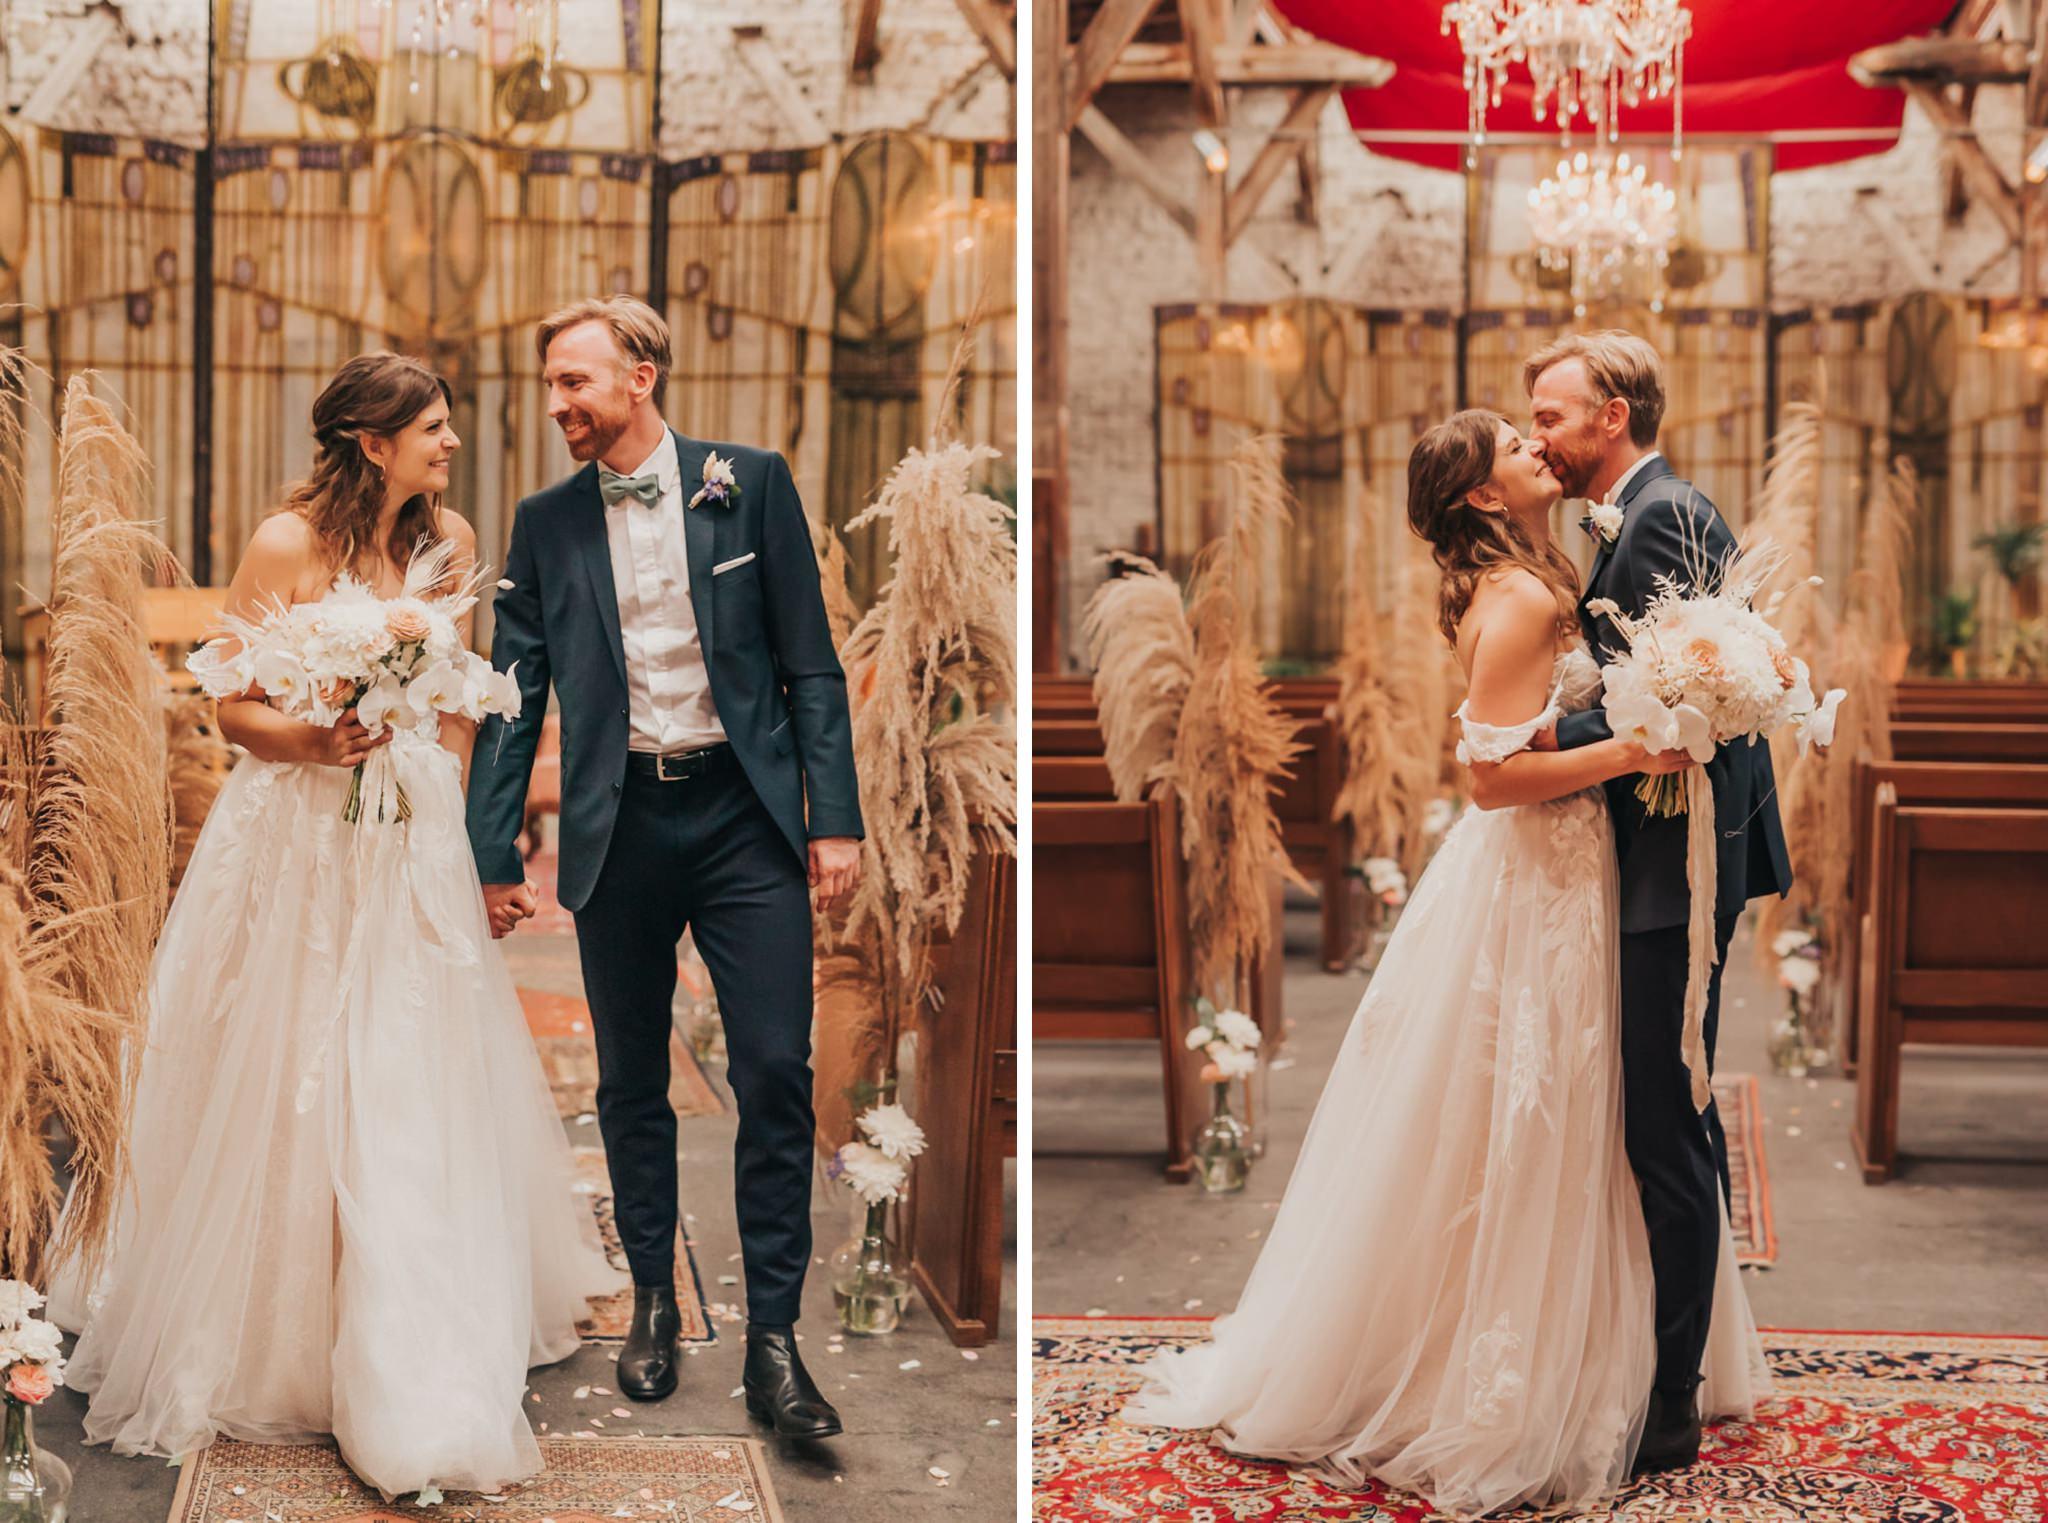 Hochzeitsfotograf Köln, Hochzeitsfotograf Bonn, Freie Trauung, Gare du Neuss, Hochzeitsfotos, Hochzeitsreportage